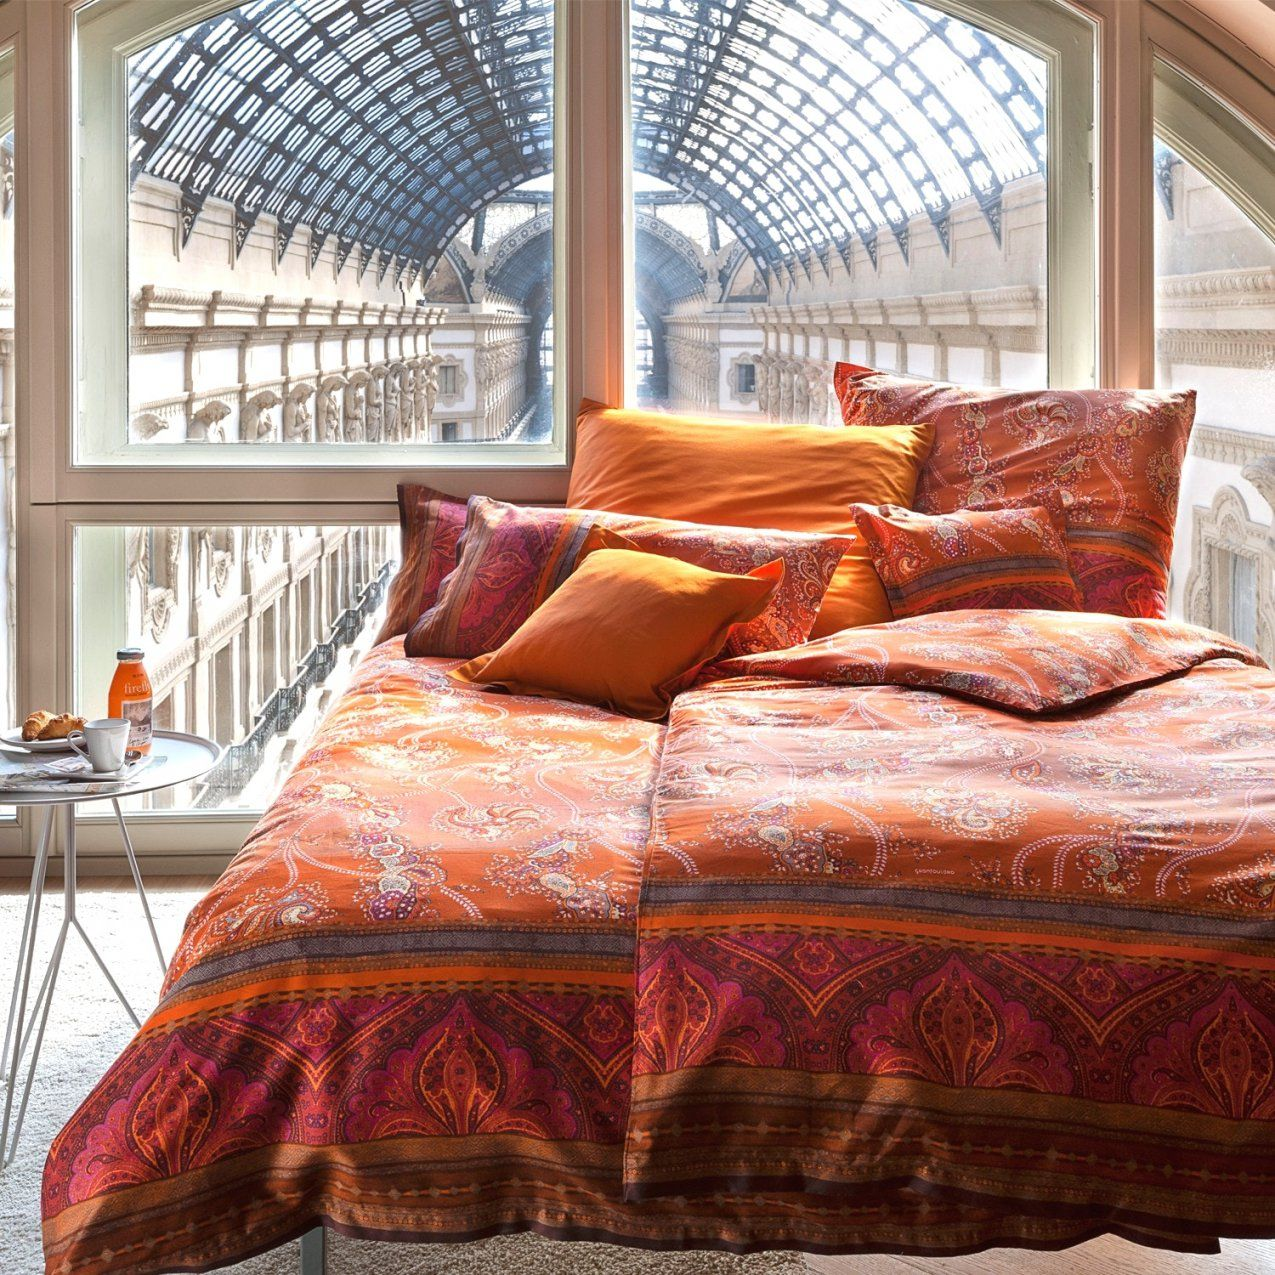 Schöne Ideen Bassetti Bettwäsche Reduziert Und Herausragende 155X220 von Bettwäsche Bassetti Reduziert Bild